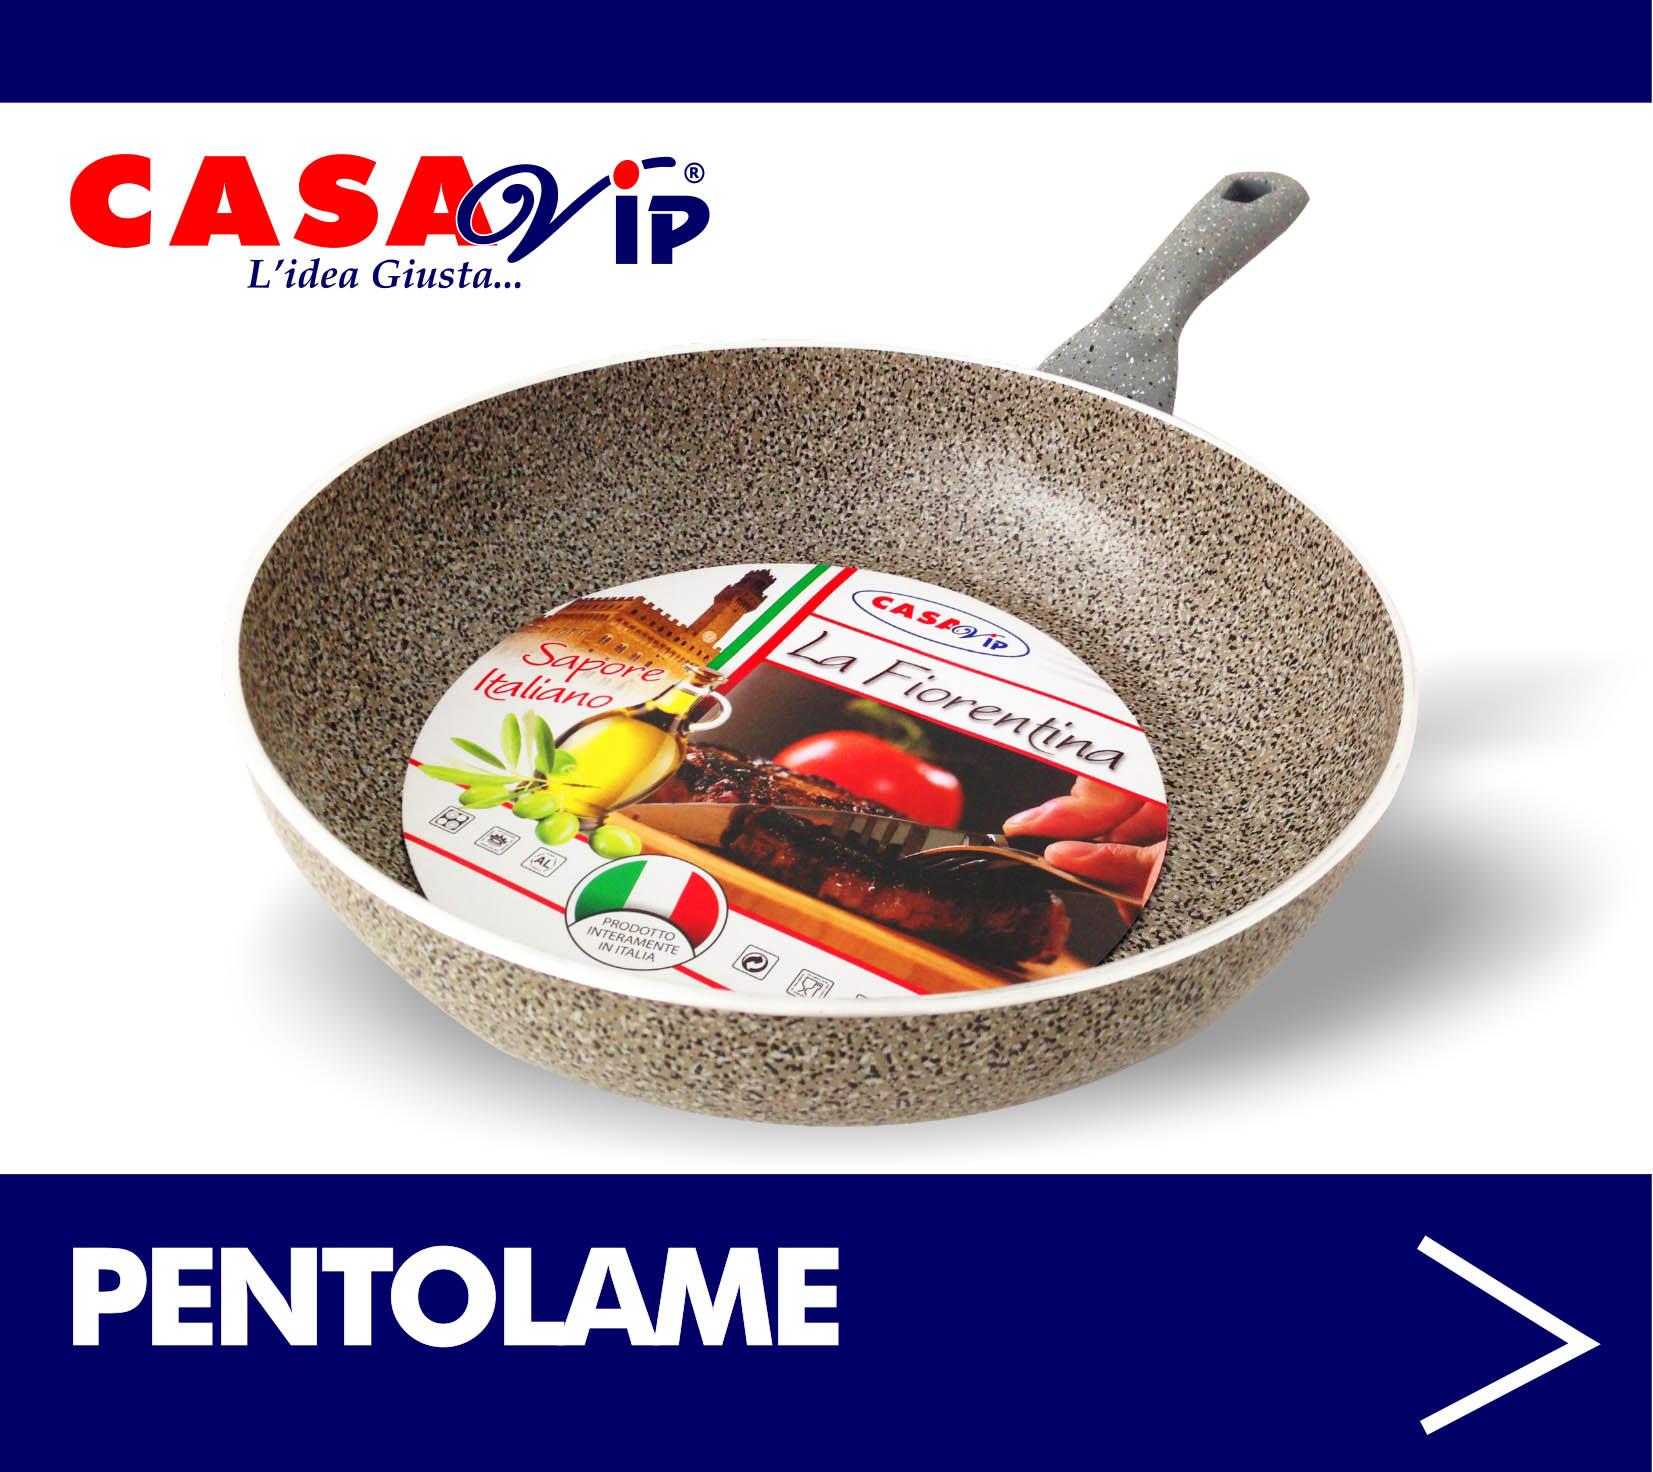 PENTOLAME CASAVIP